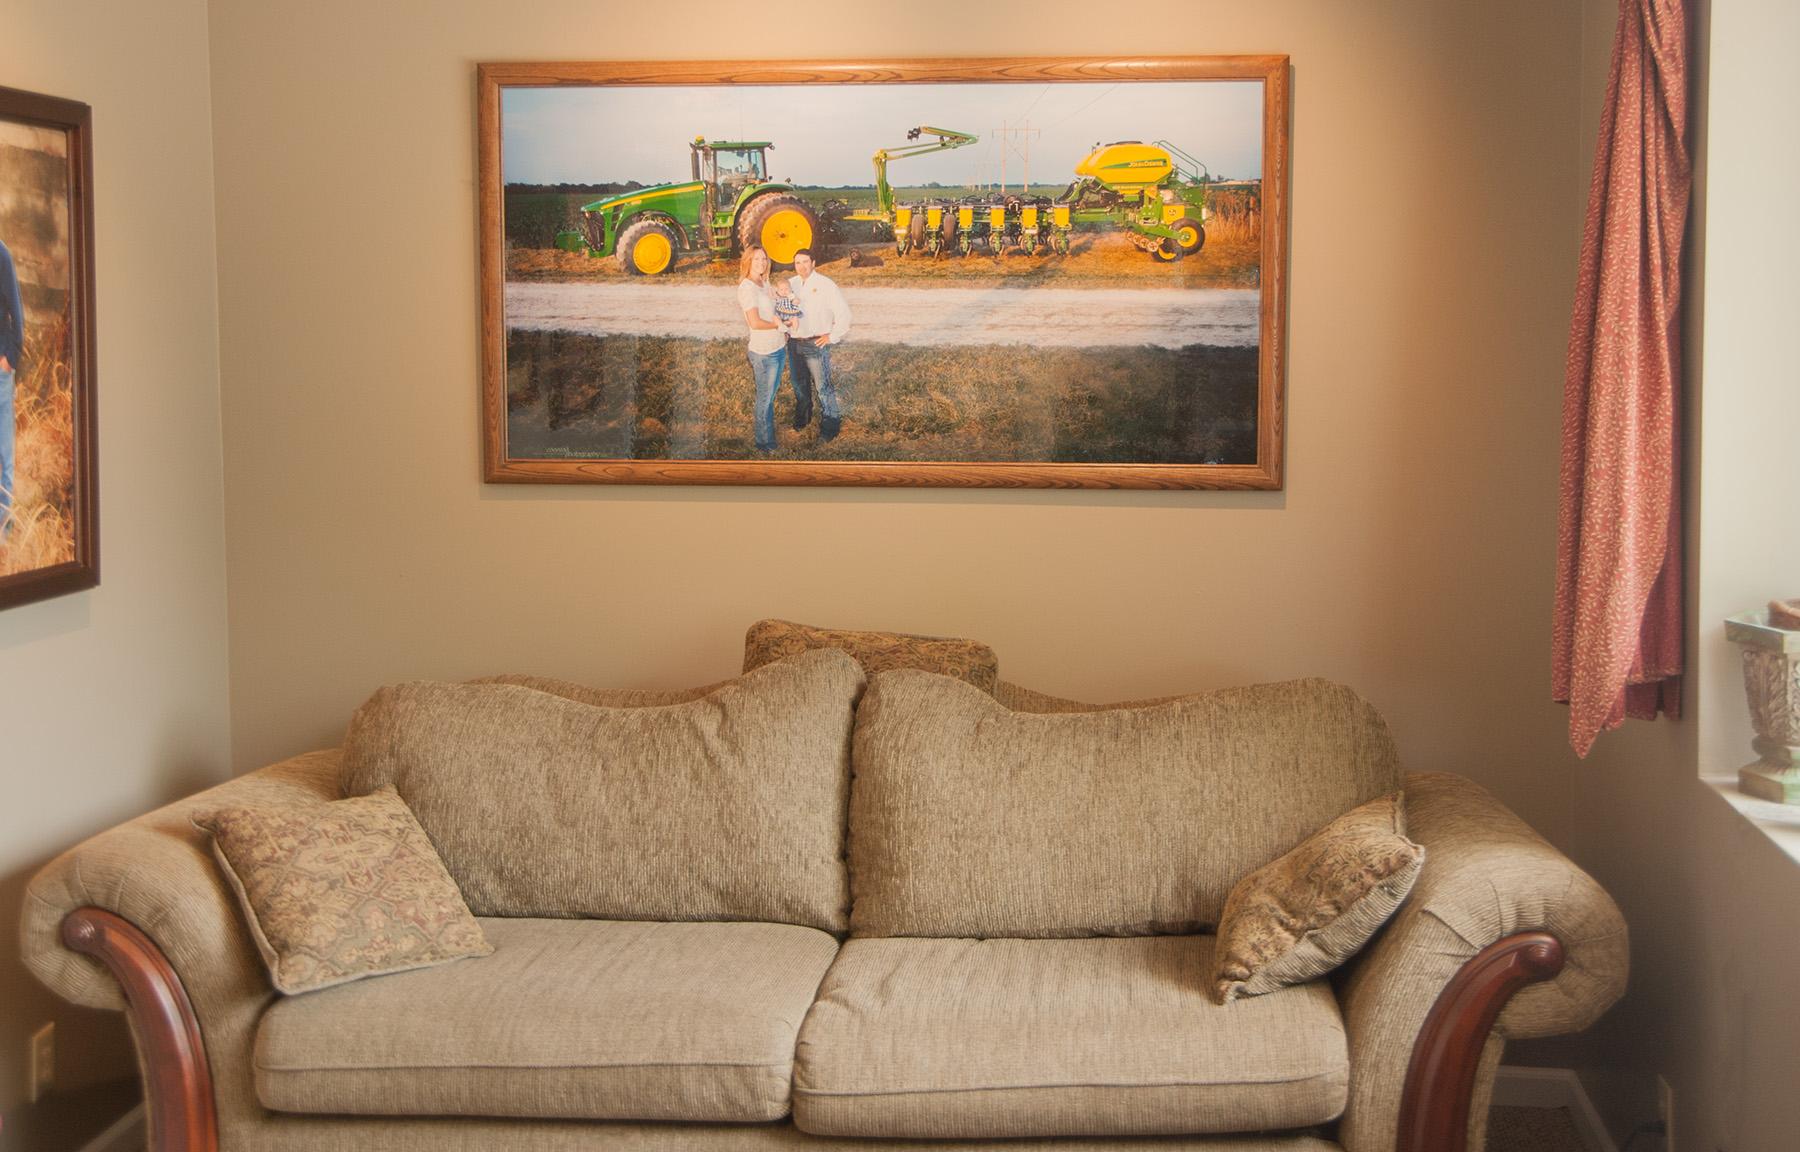 30x60 inch Family Portrait